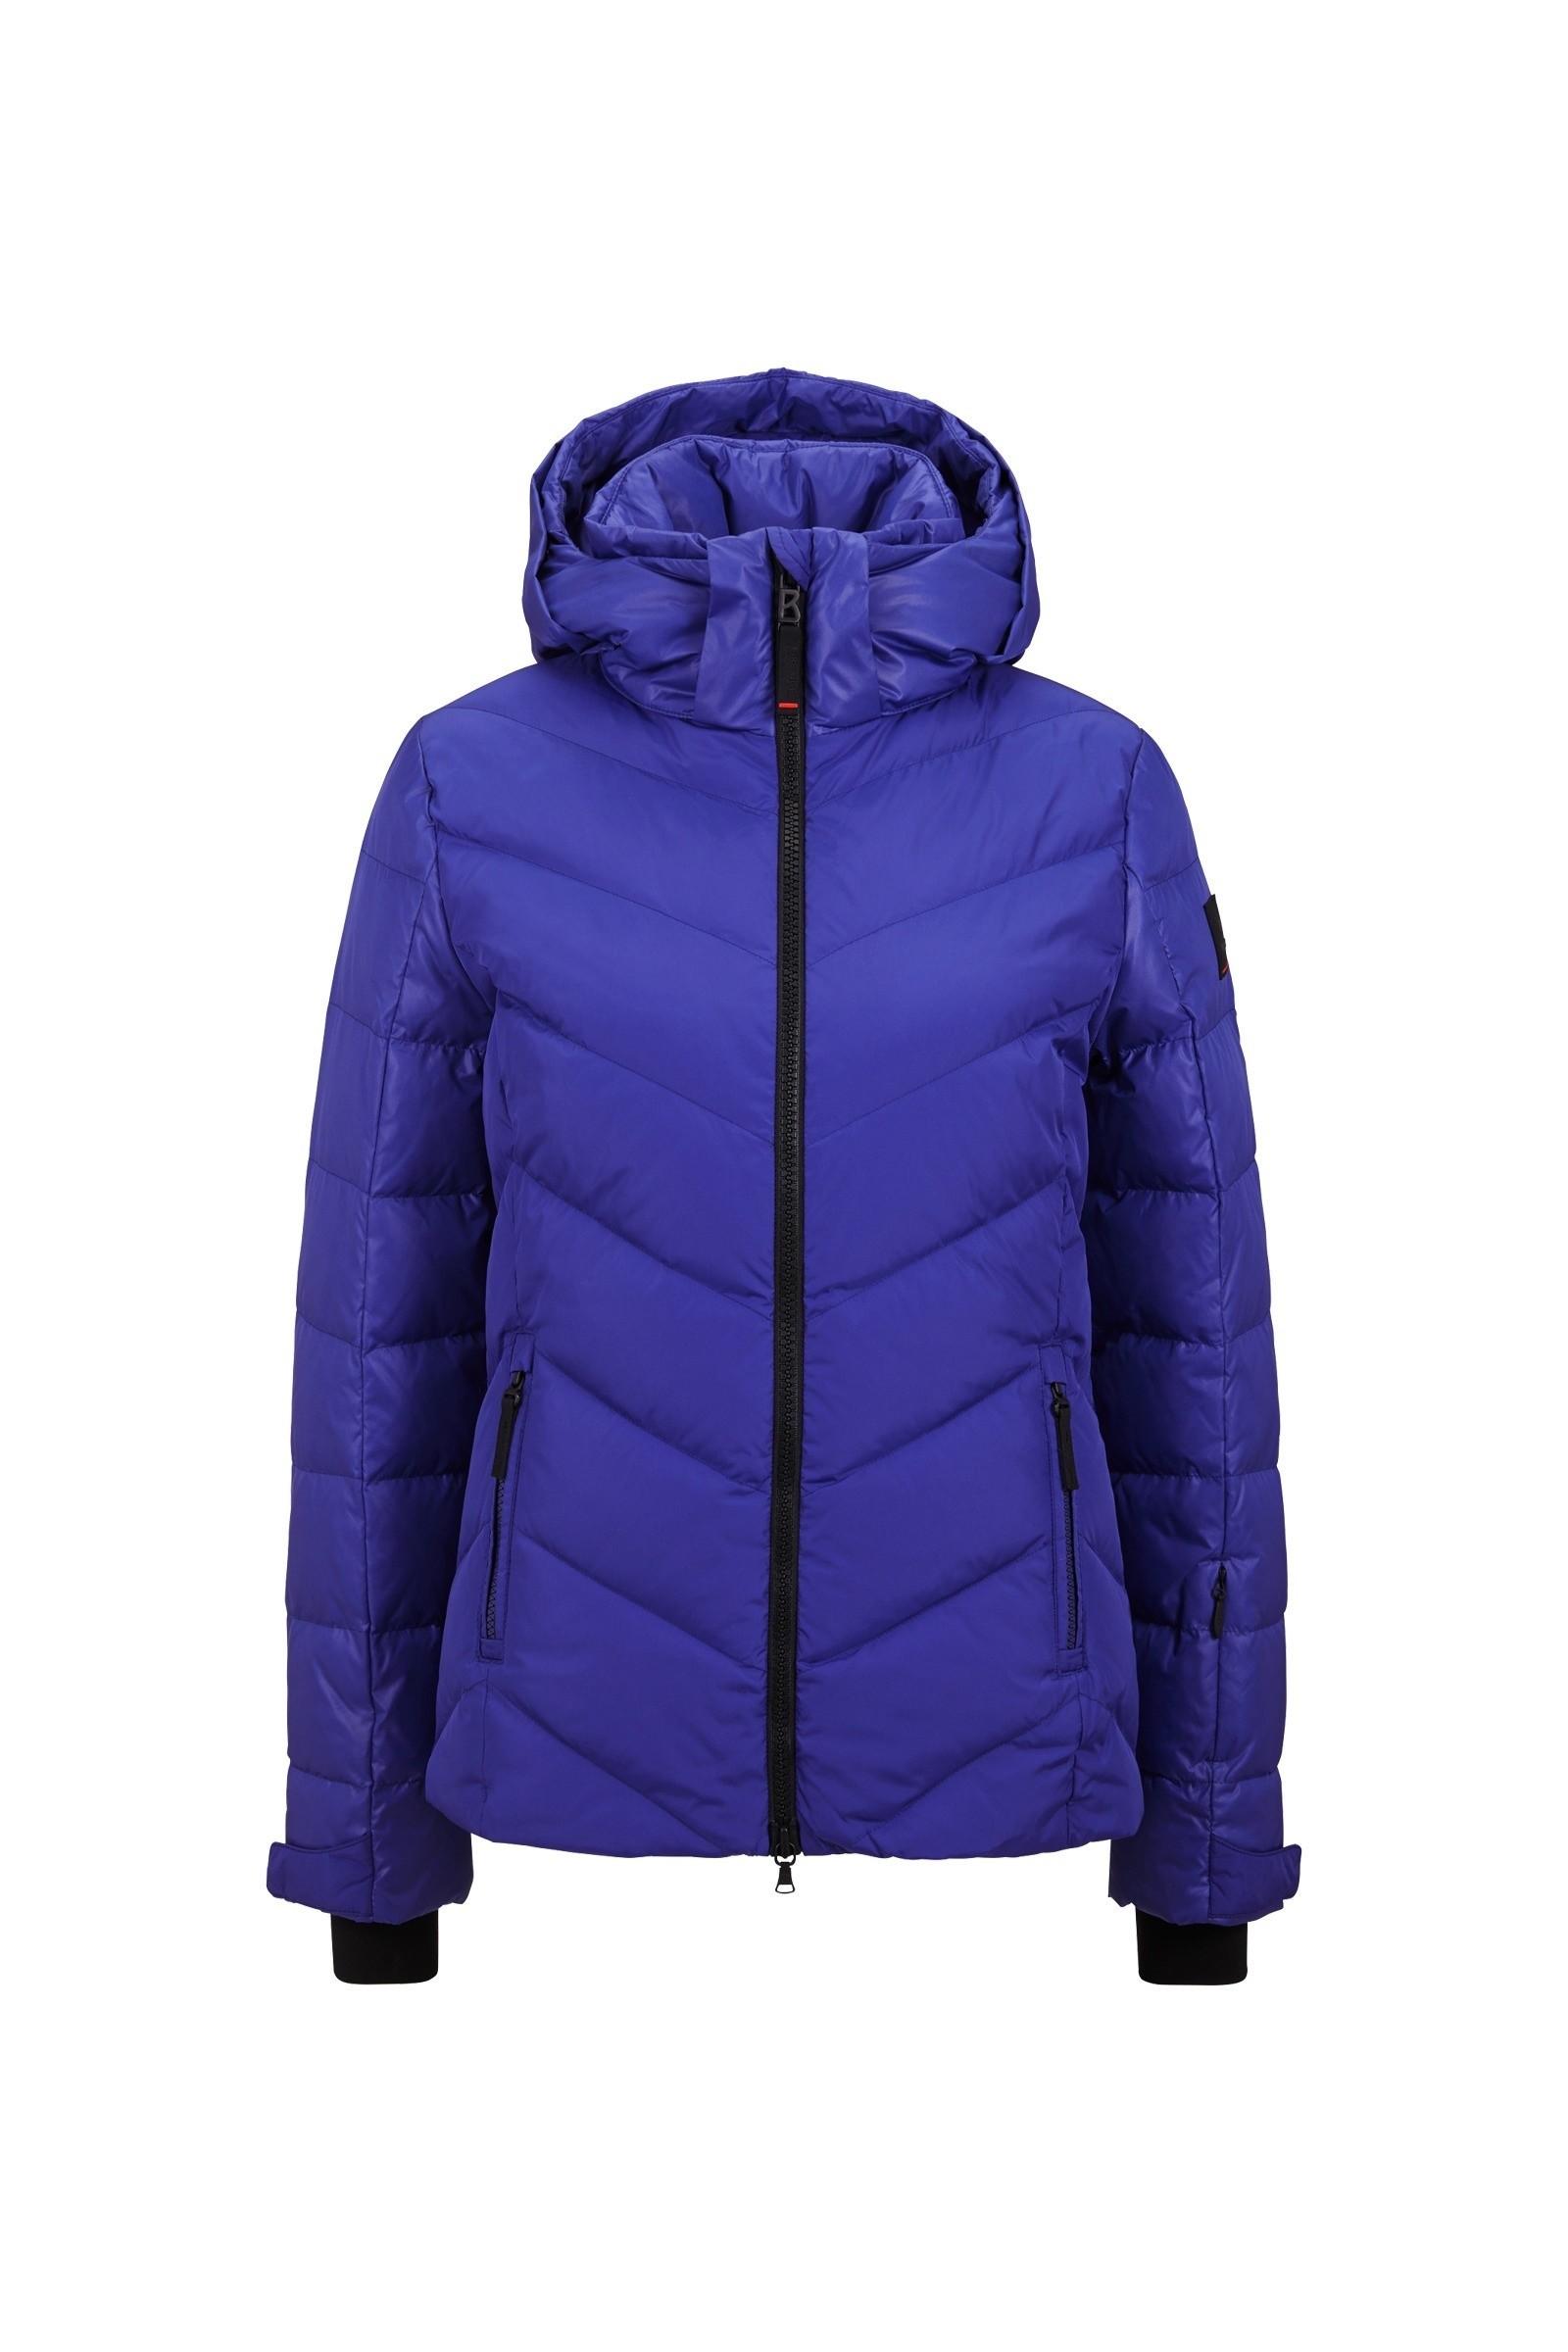 designer mode kosten charme uitchecken Bogner Fire & Ice Sassy-D Blauw Ski Jas Dames